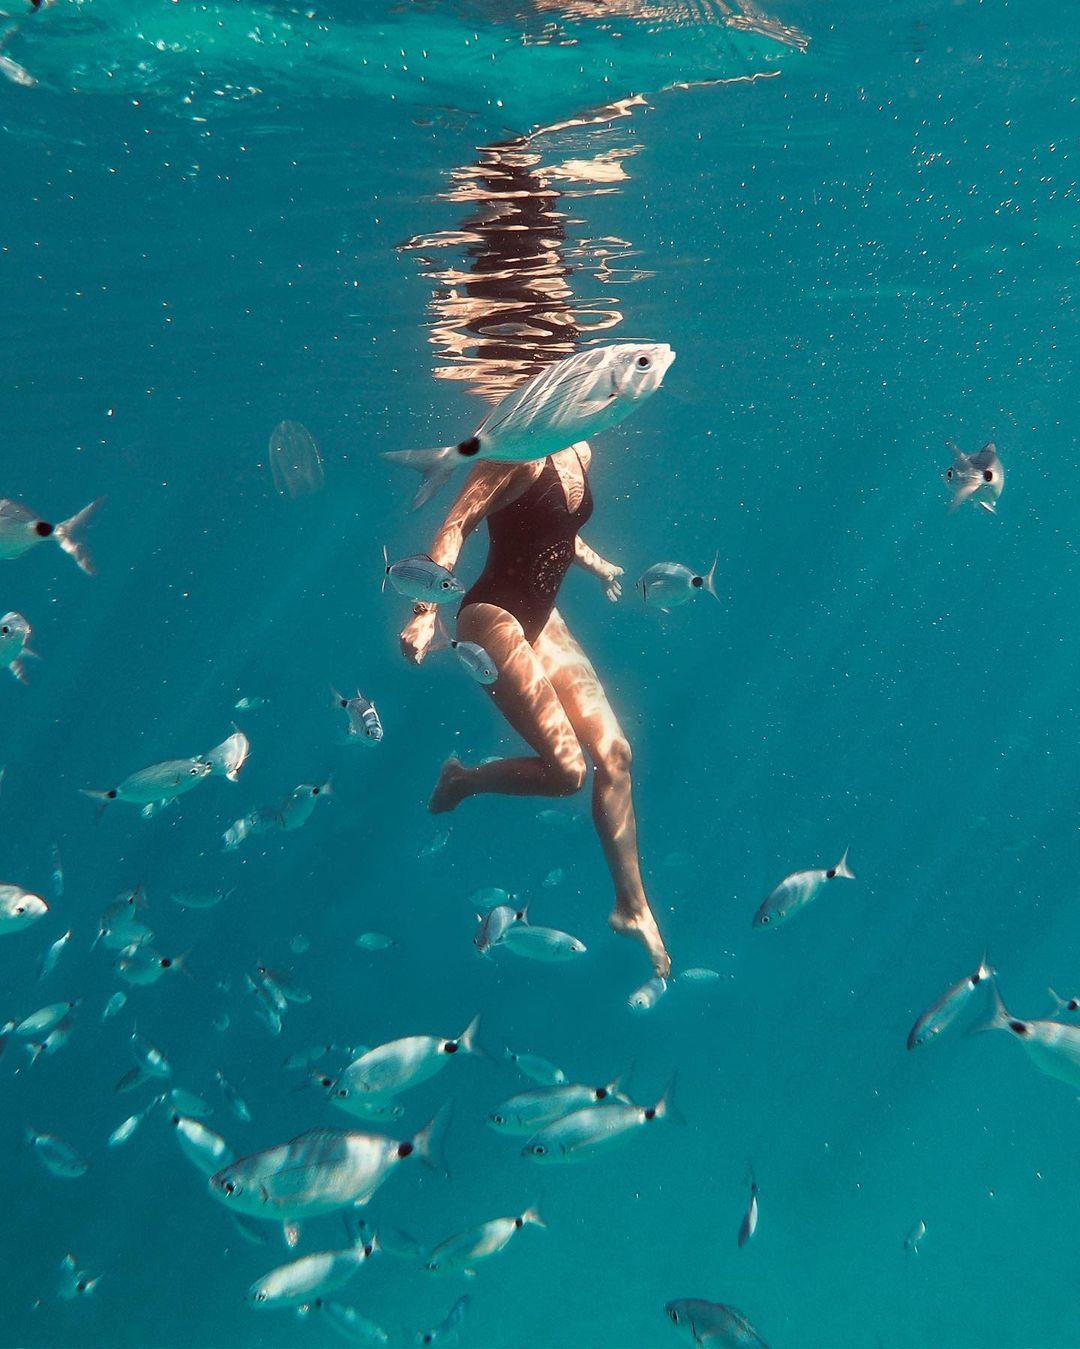 žena riba